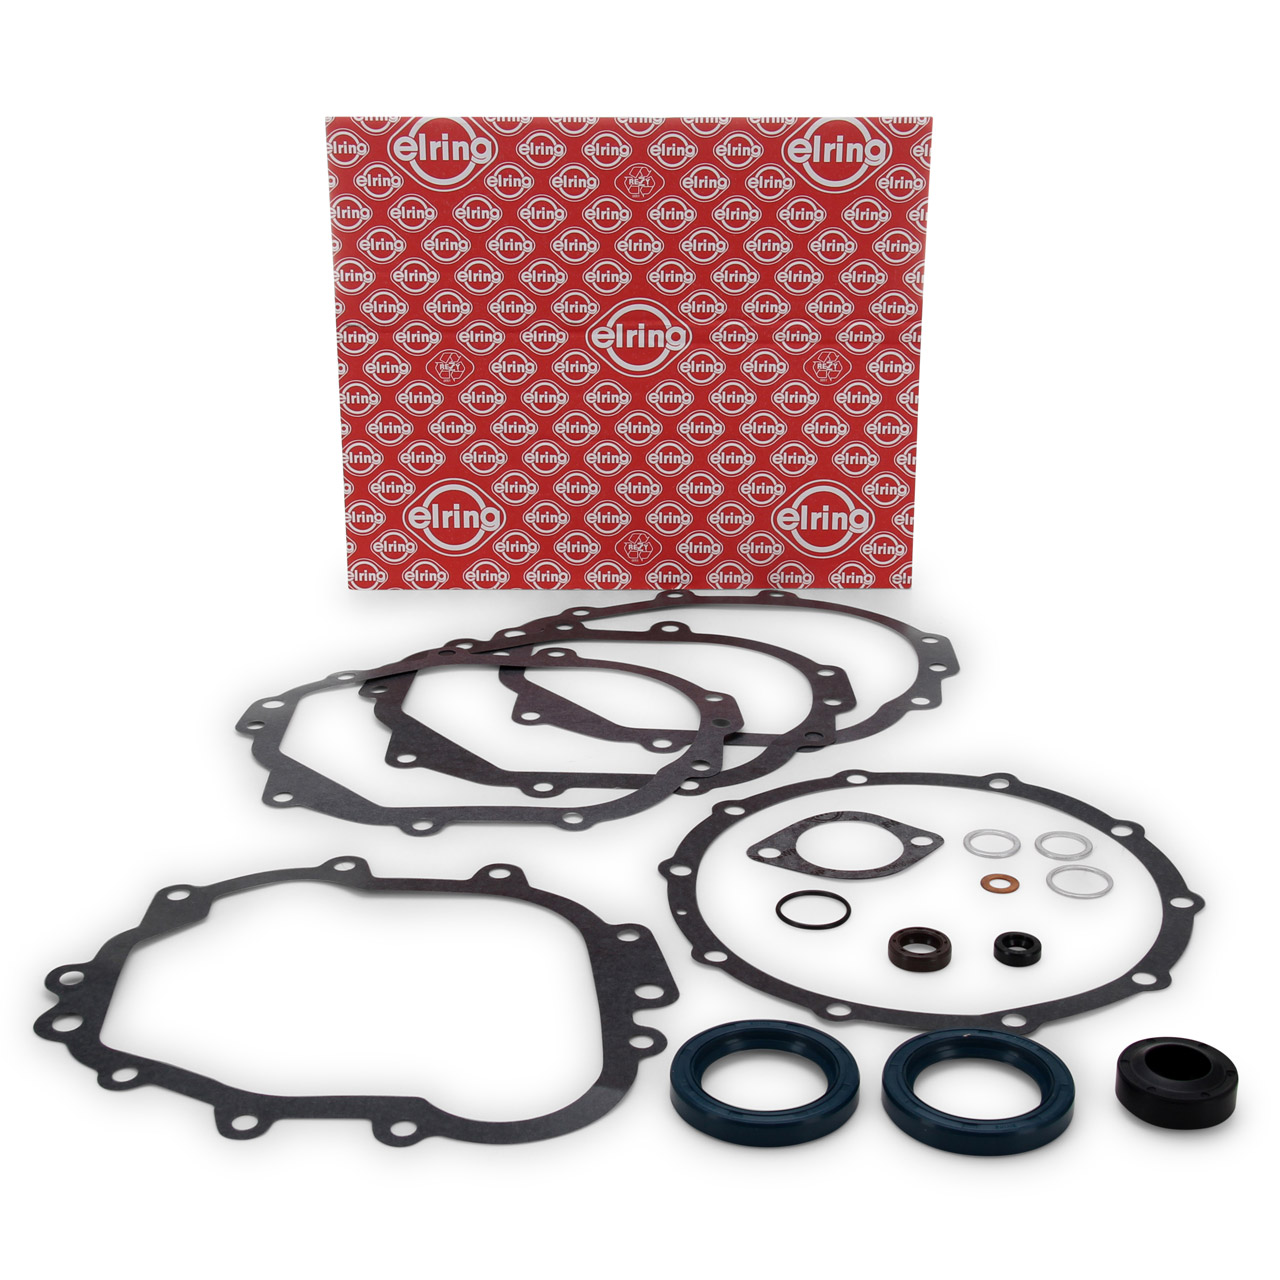 ELRING Dichtungssatz Schaltgetriebe PORSCHE 911 63-72 2.0 E-T 912 65-70 1.6 90130090100